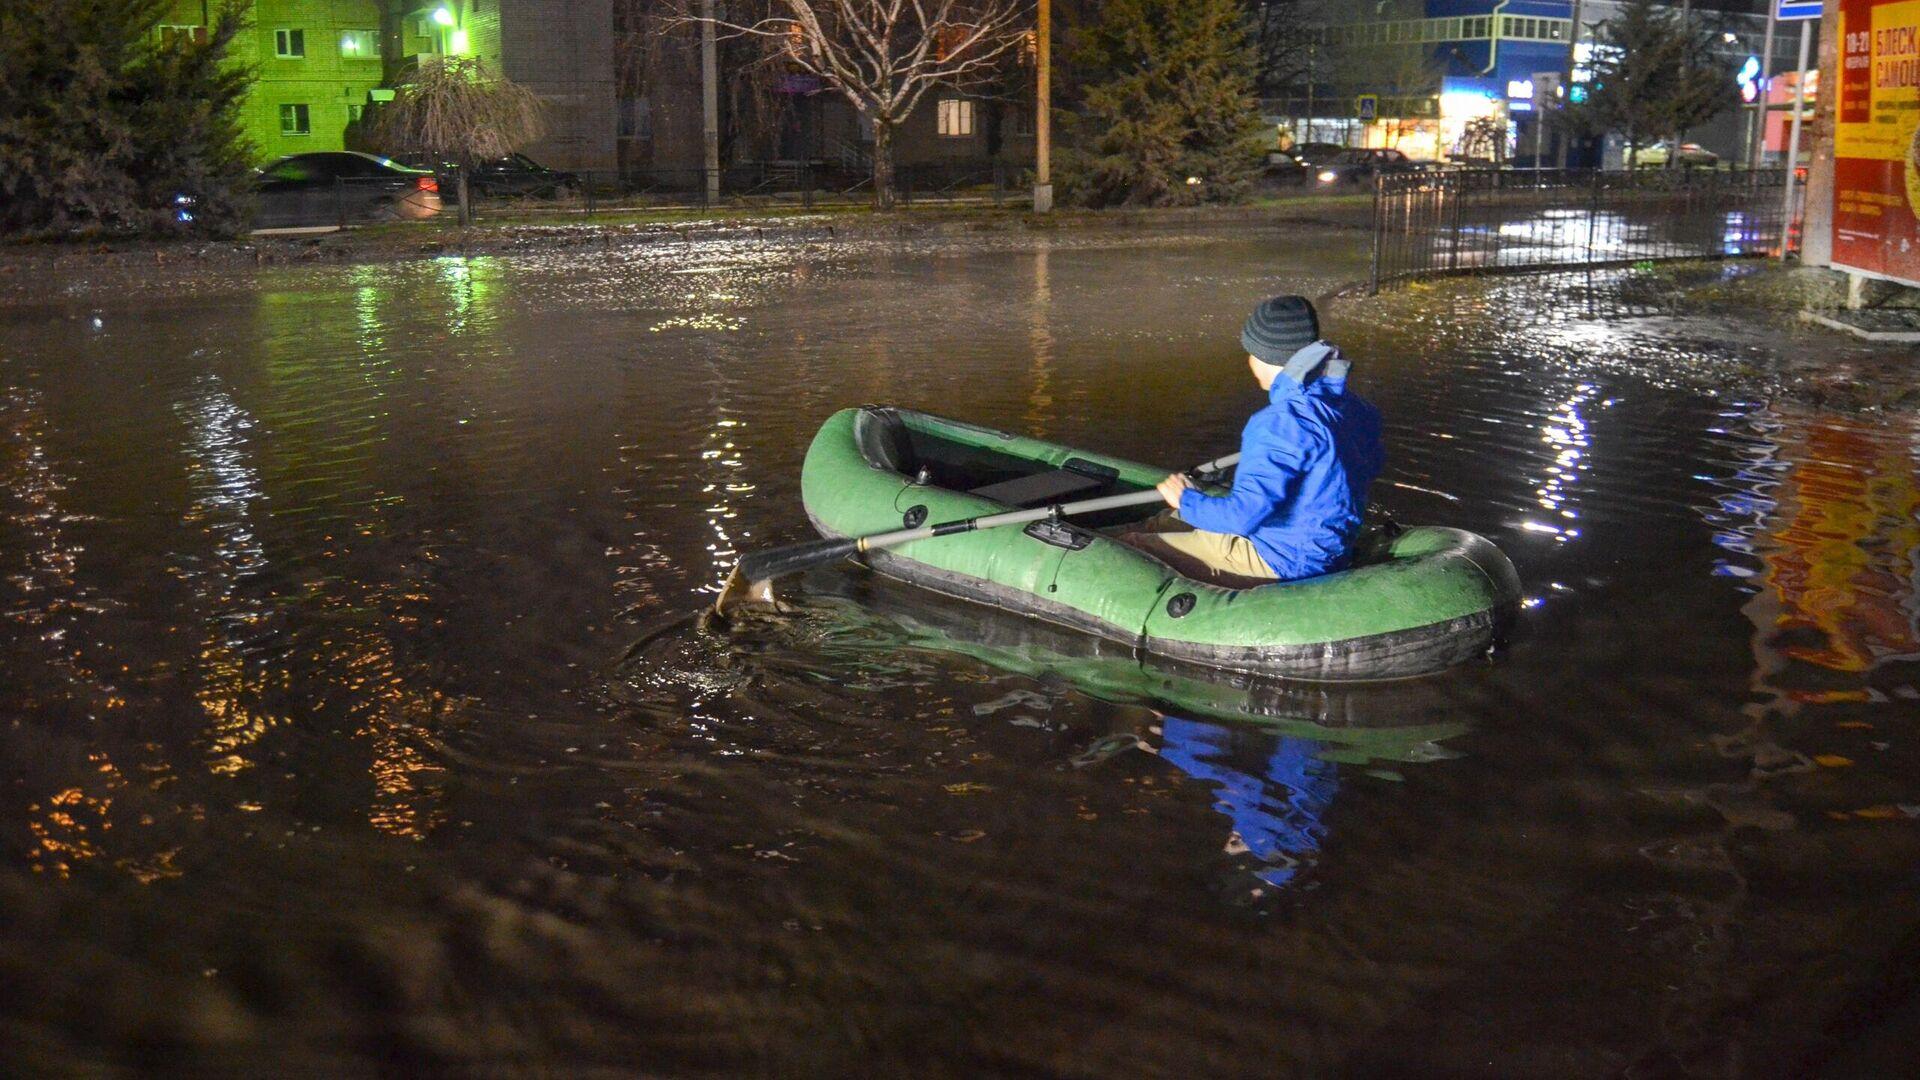 Власти Кирова осушили лужу, где жители устроили заплыв на лодке